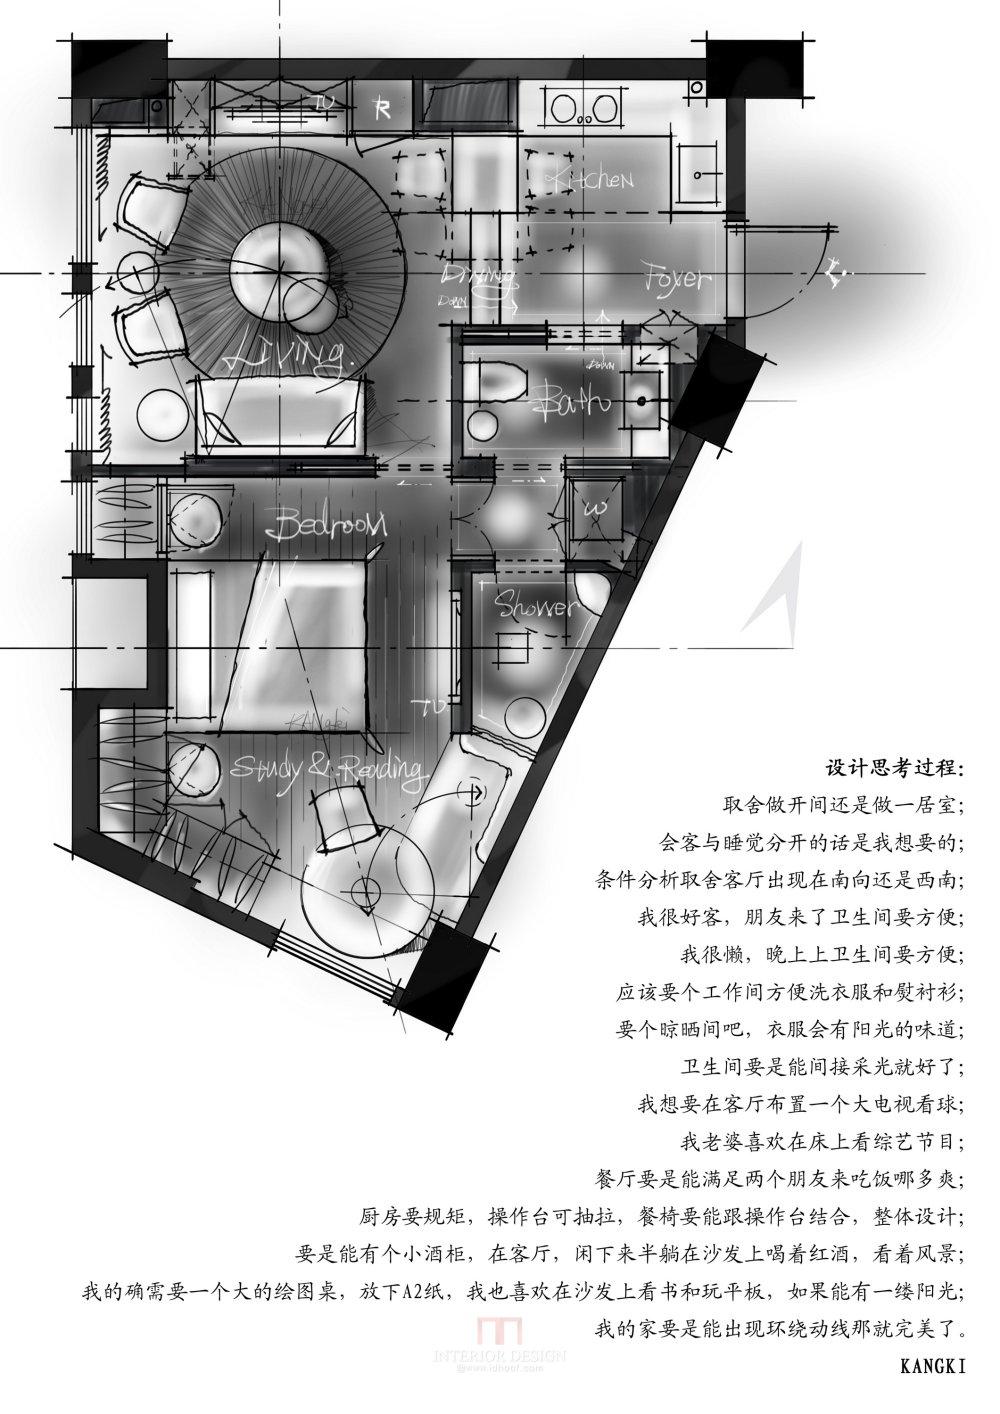 【第11期-住宅平面优化】一个异形小户型14个方案 投票奖励DB_09.jpg